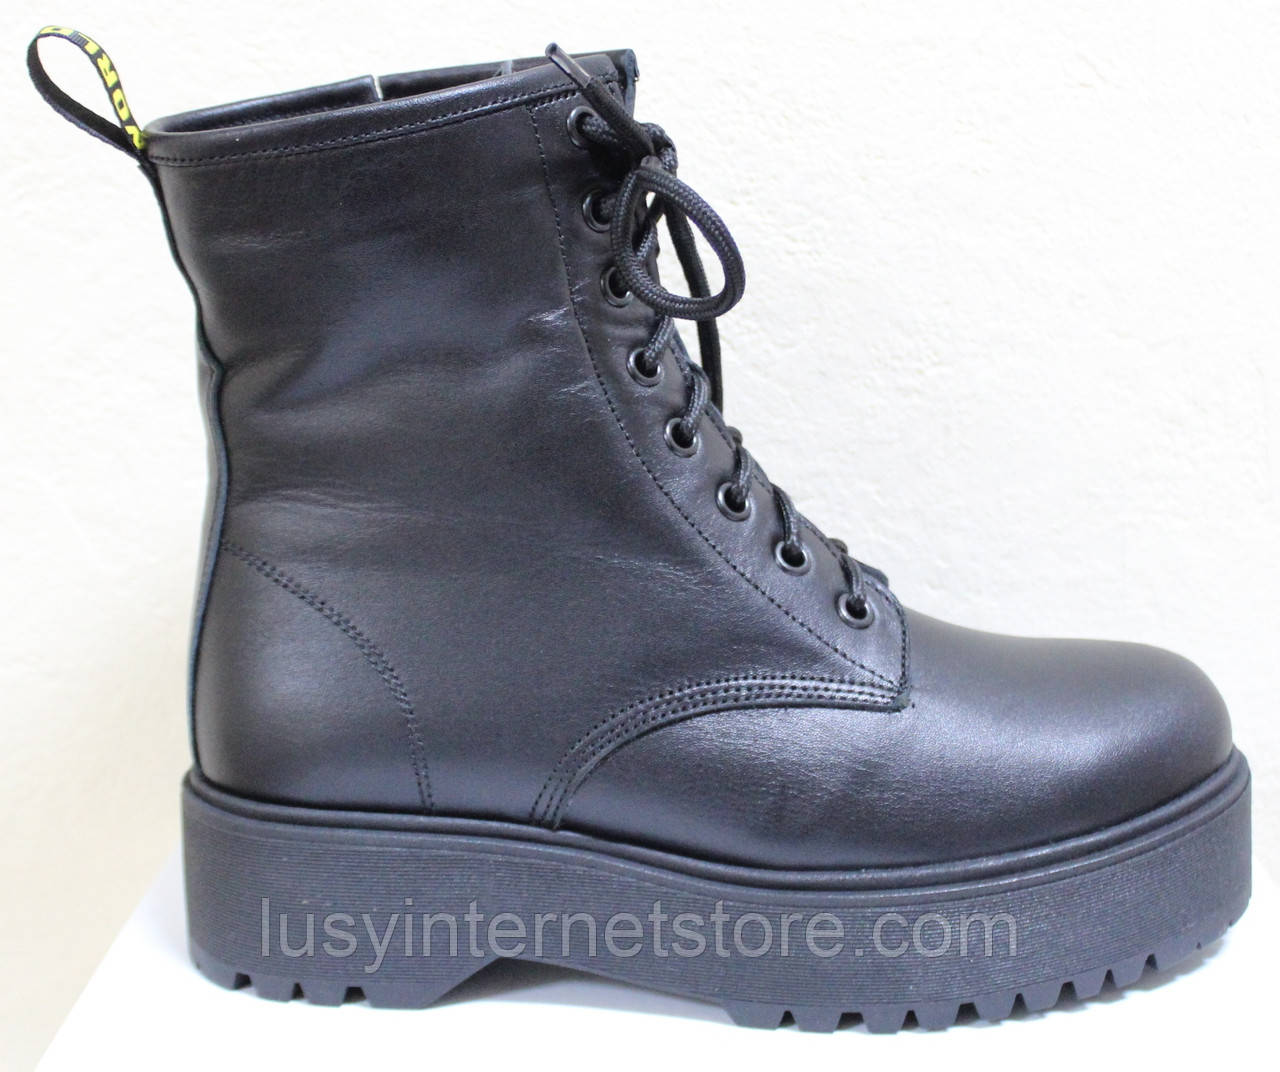 Ботинки высокие женские зимние кожаные от производителя модель НИК13